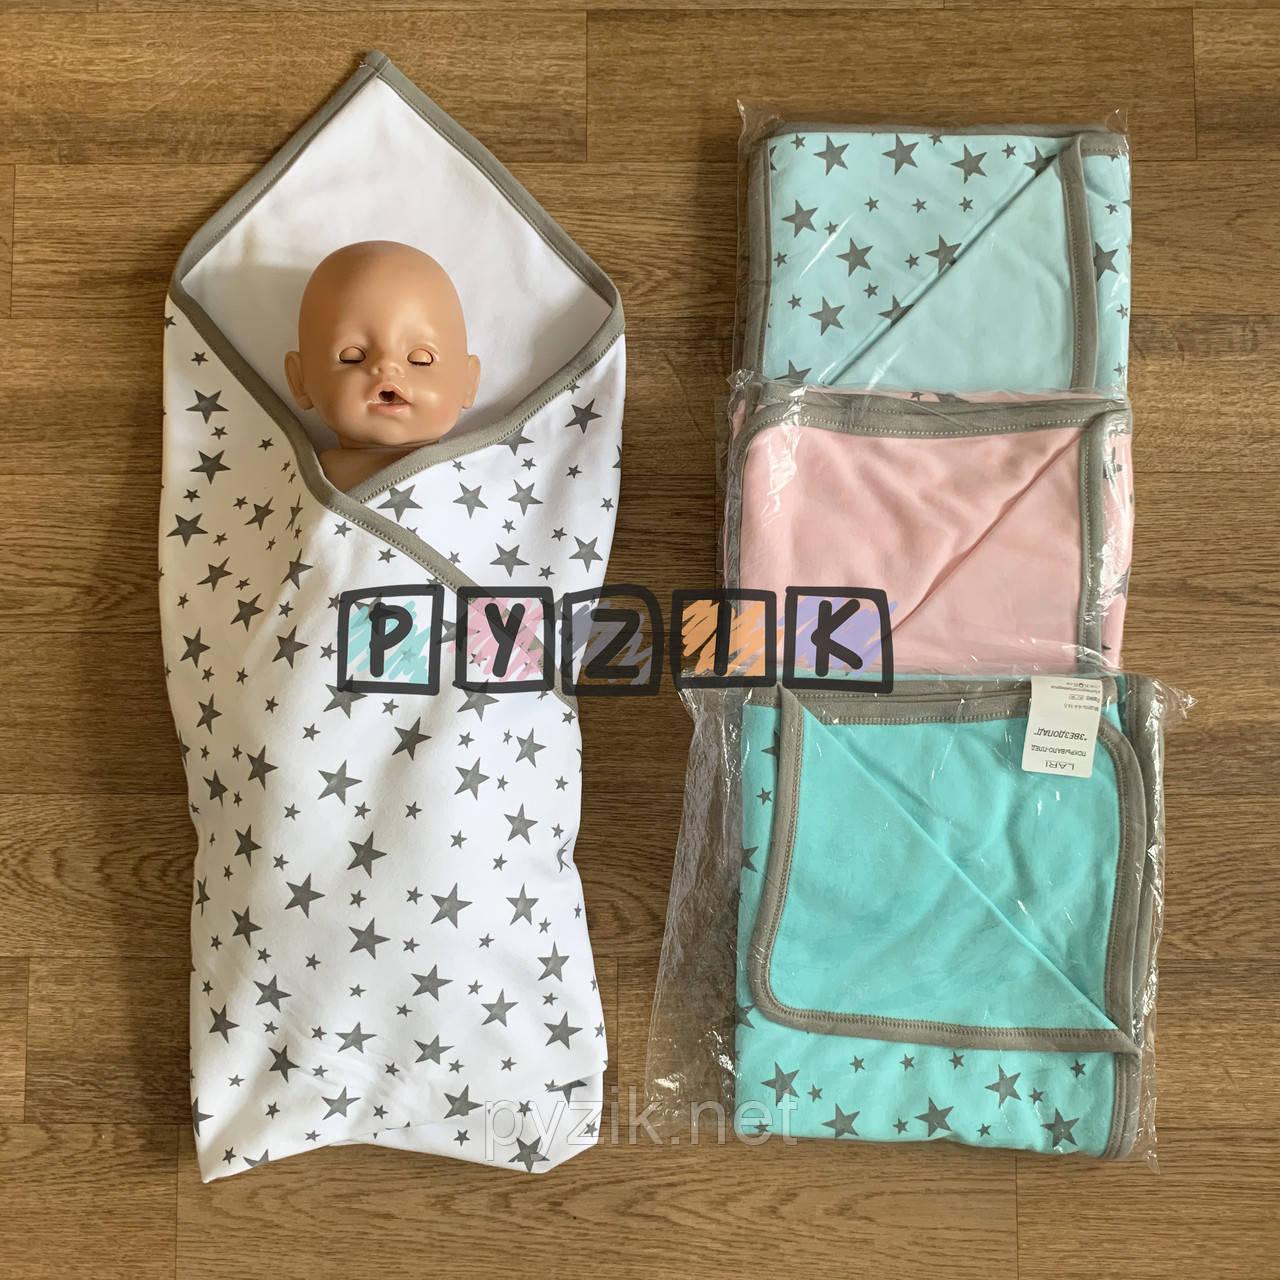 """Конверт-плед двухсторонний для новорожденных легкий на выписку и в коляску """"Звездочка"""", цвет на выбор"""